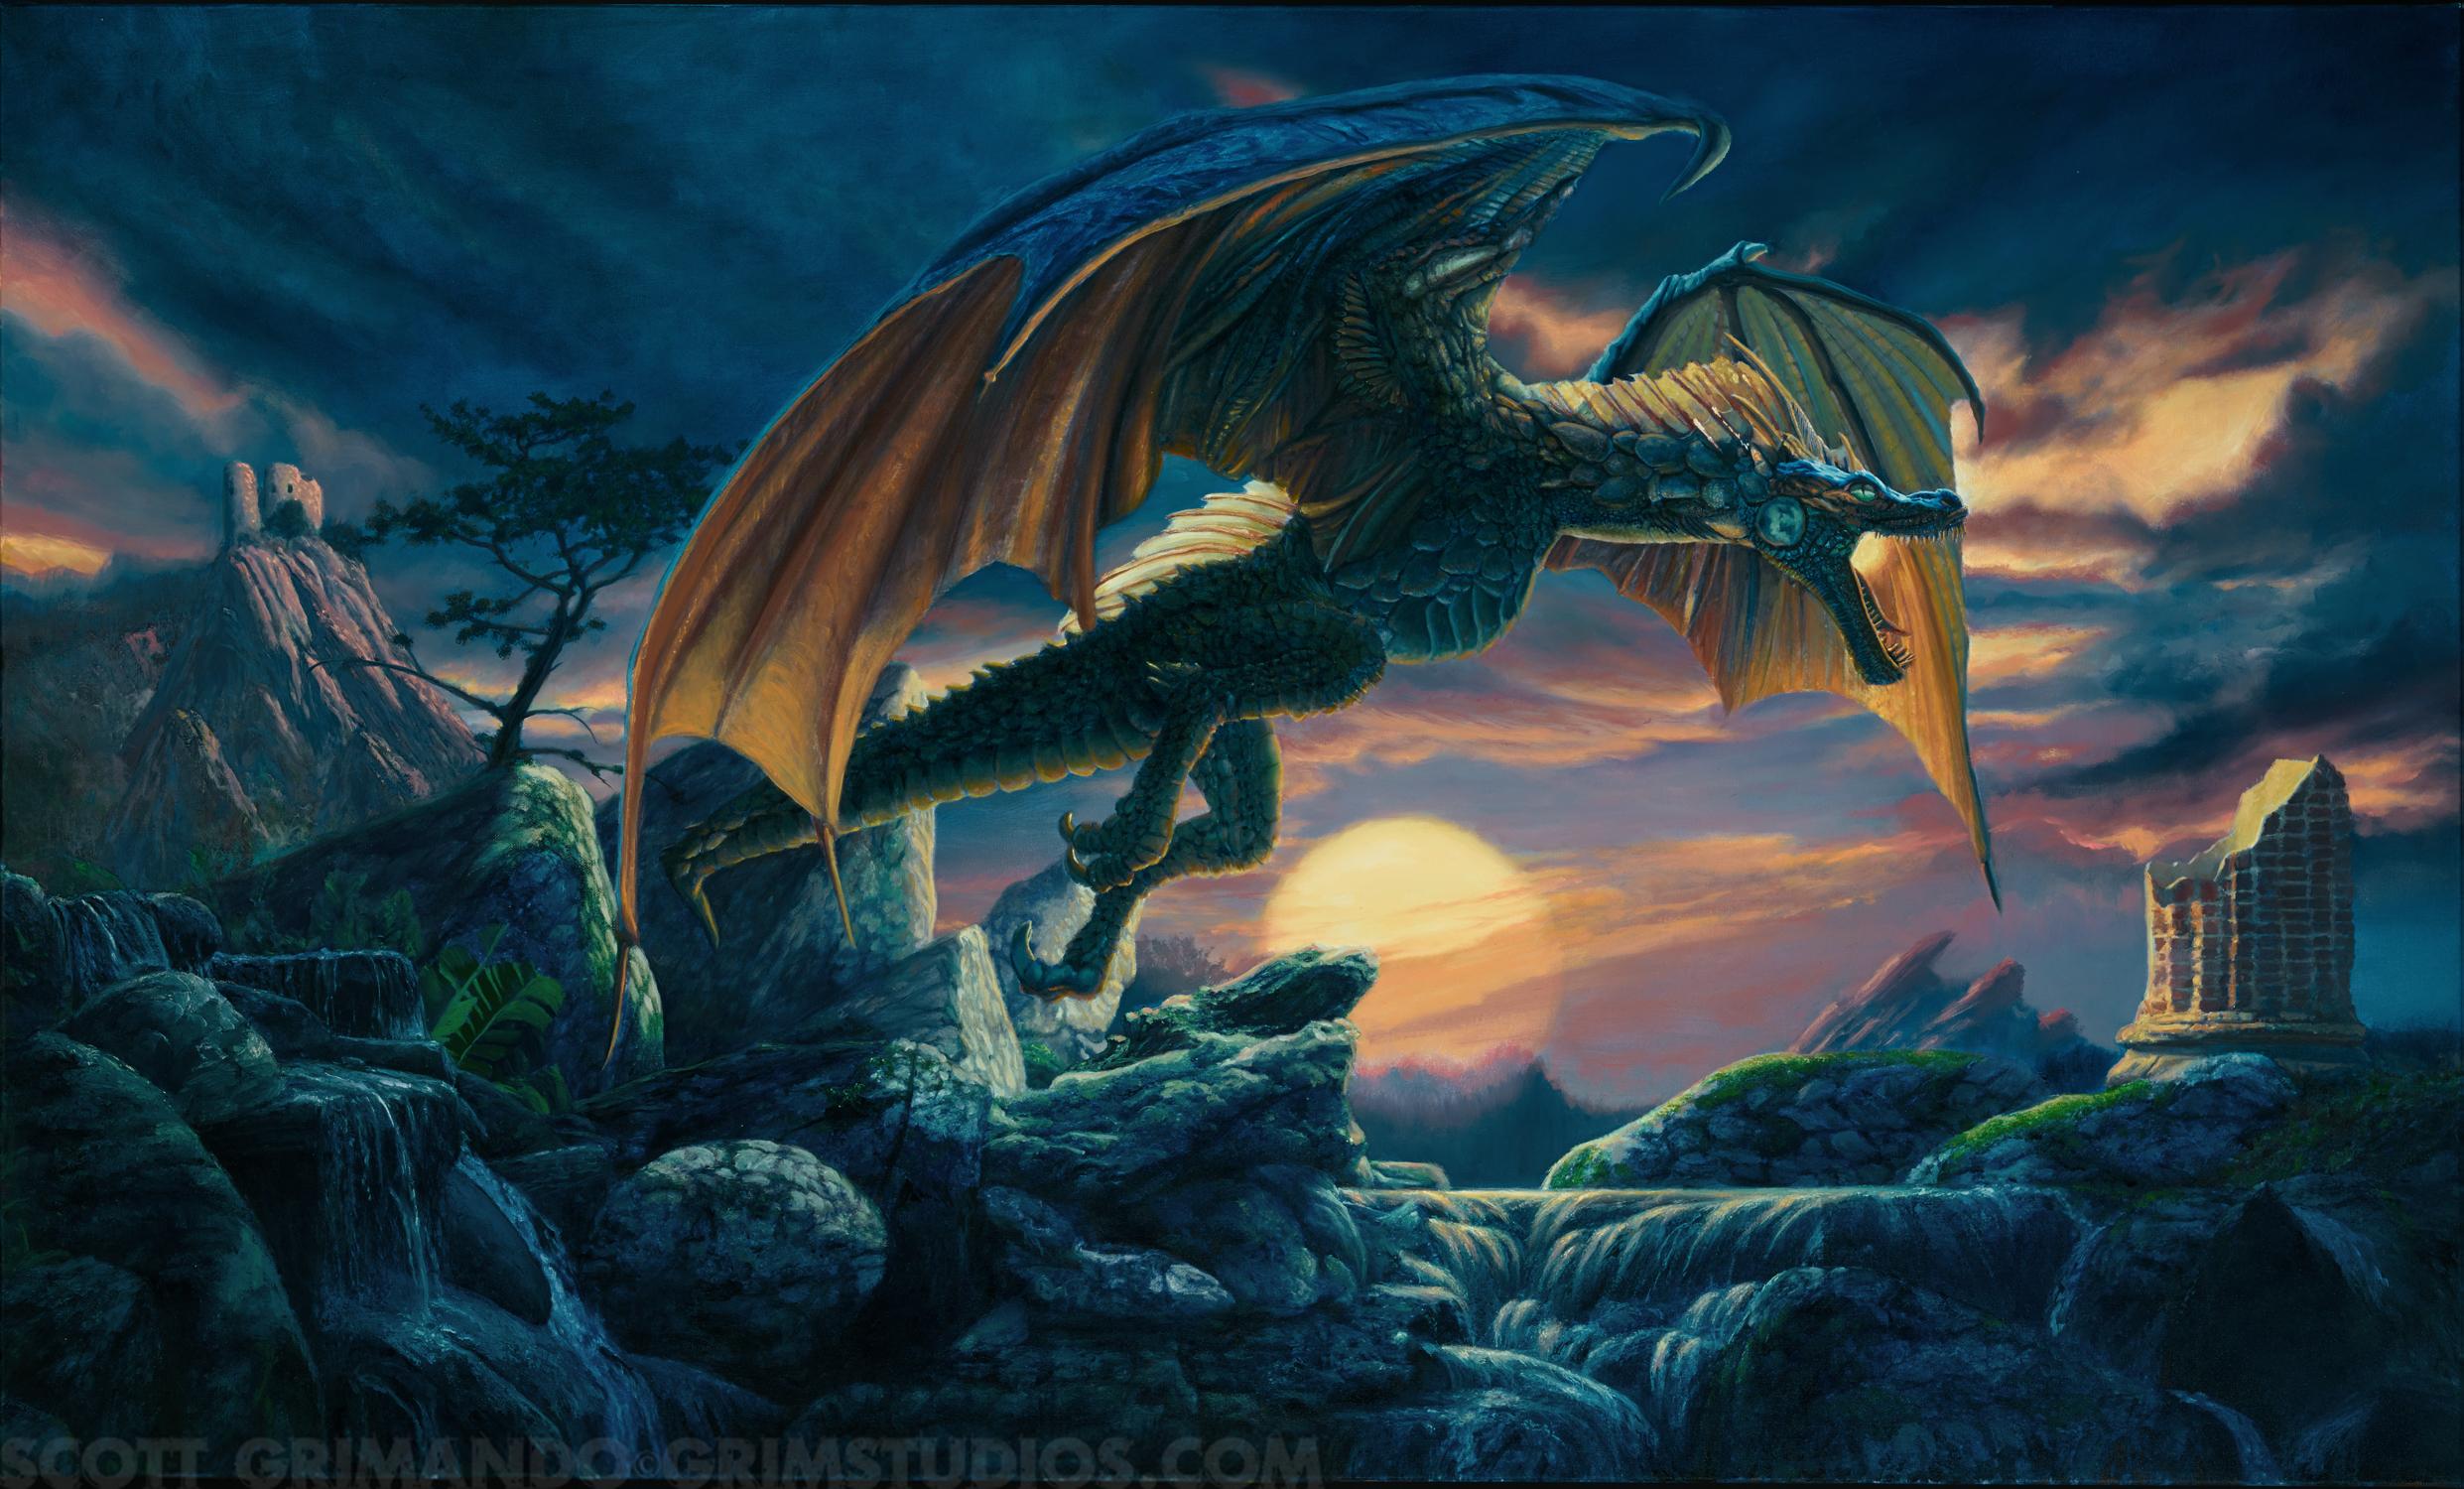 Dragonscape Artwork by Scott Grimando